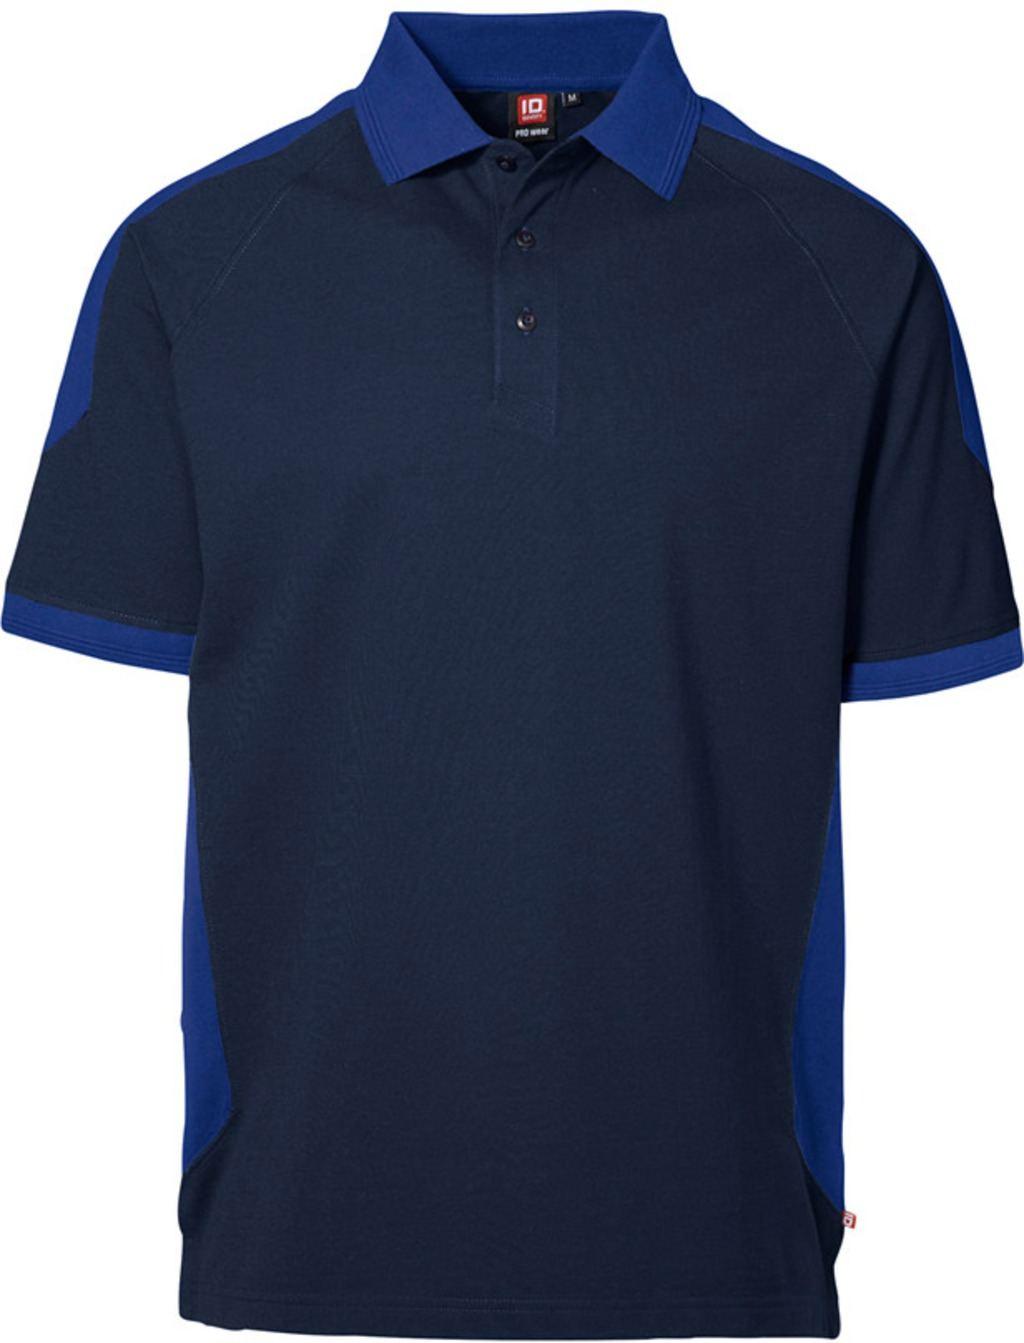 0322 Poloshirt